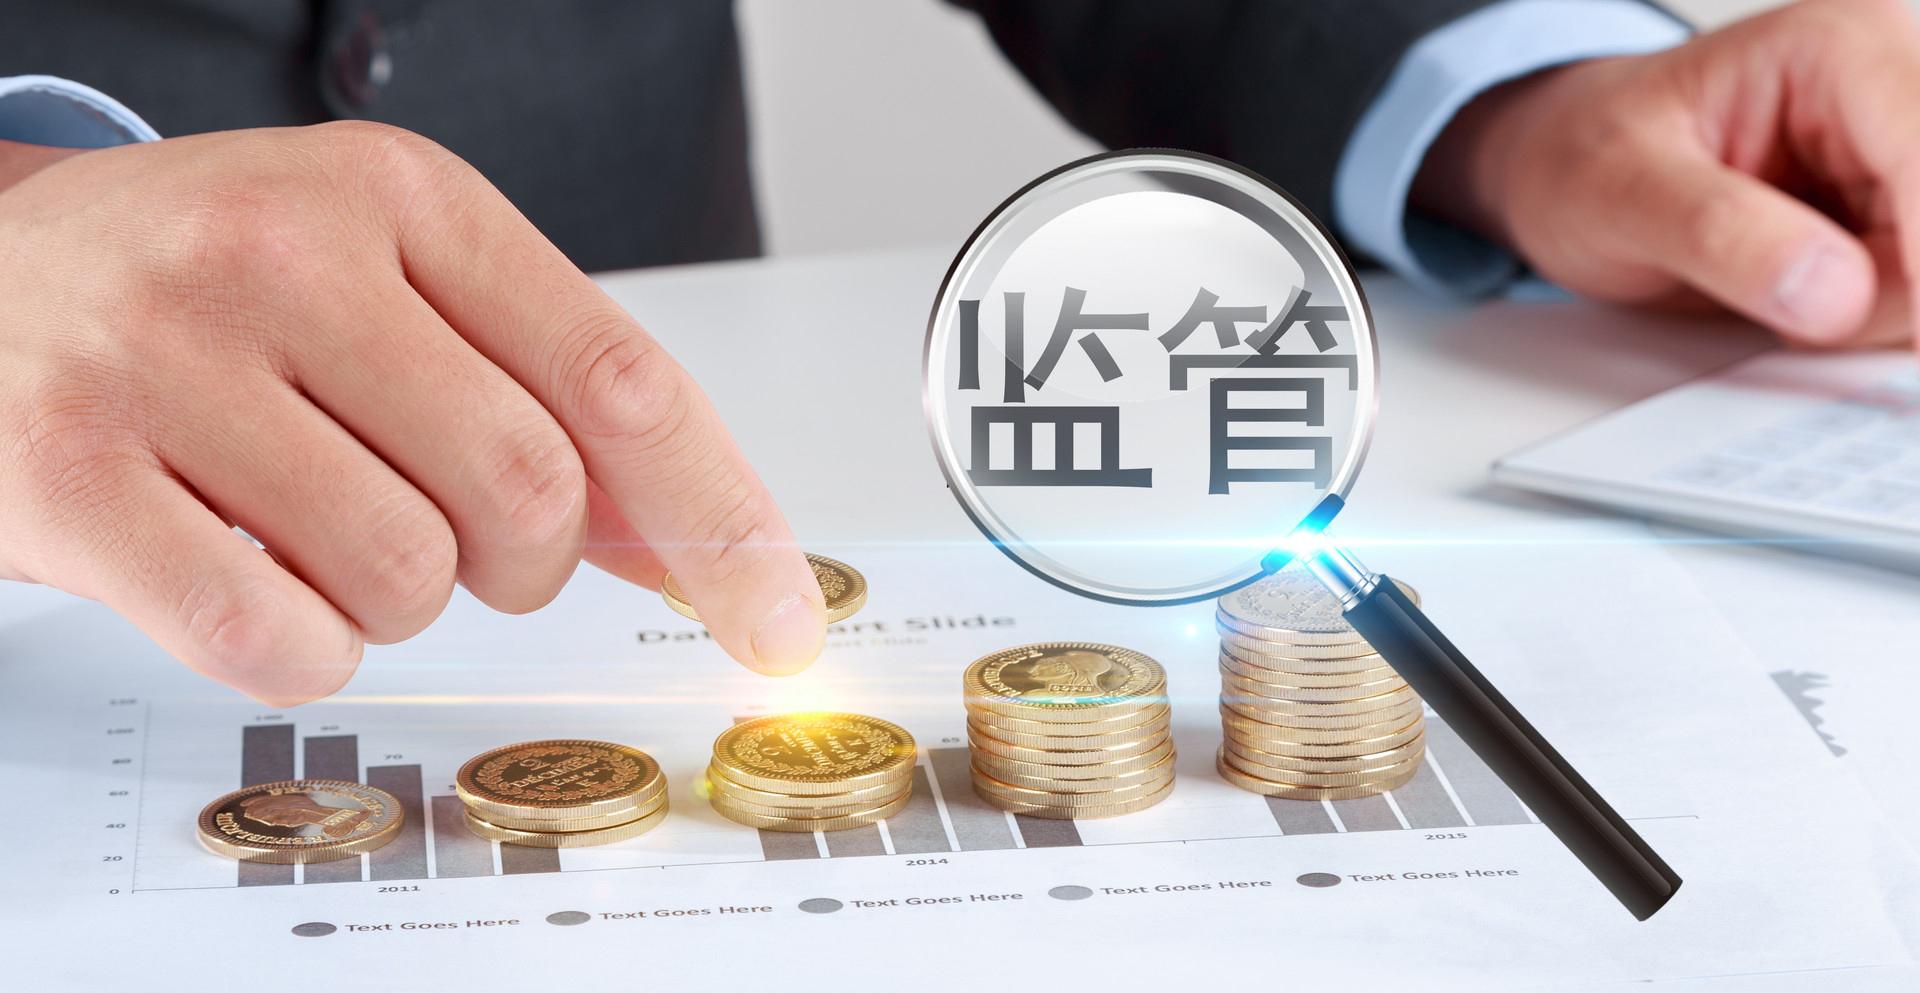 央行昆明中心支行:对云南支付机构分公司进行分级监管;核心业务不能外包